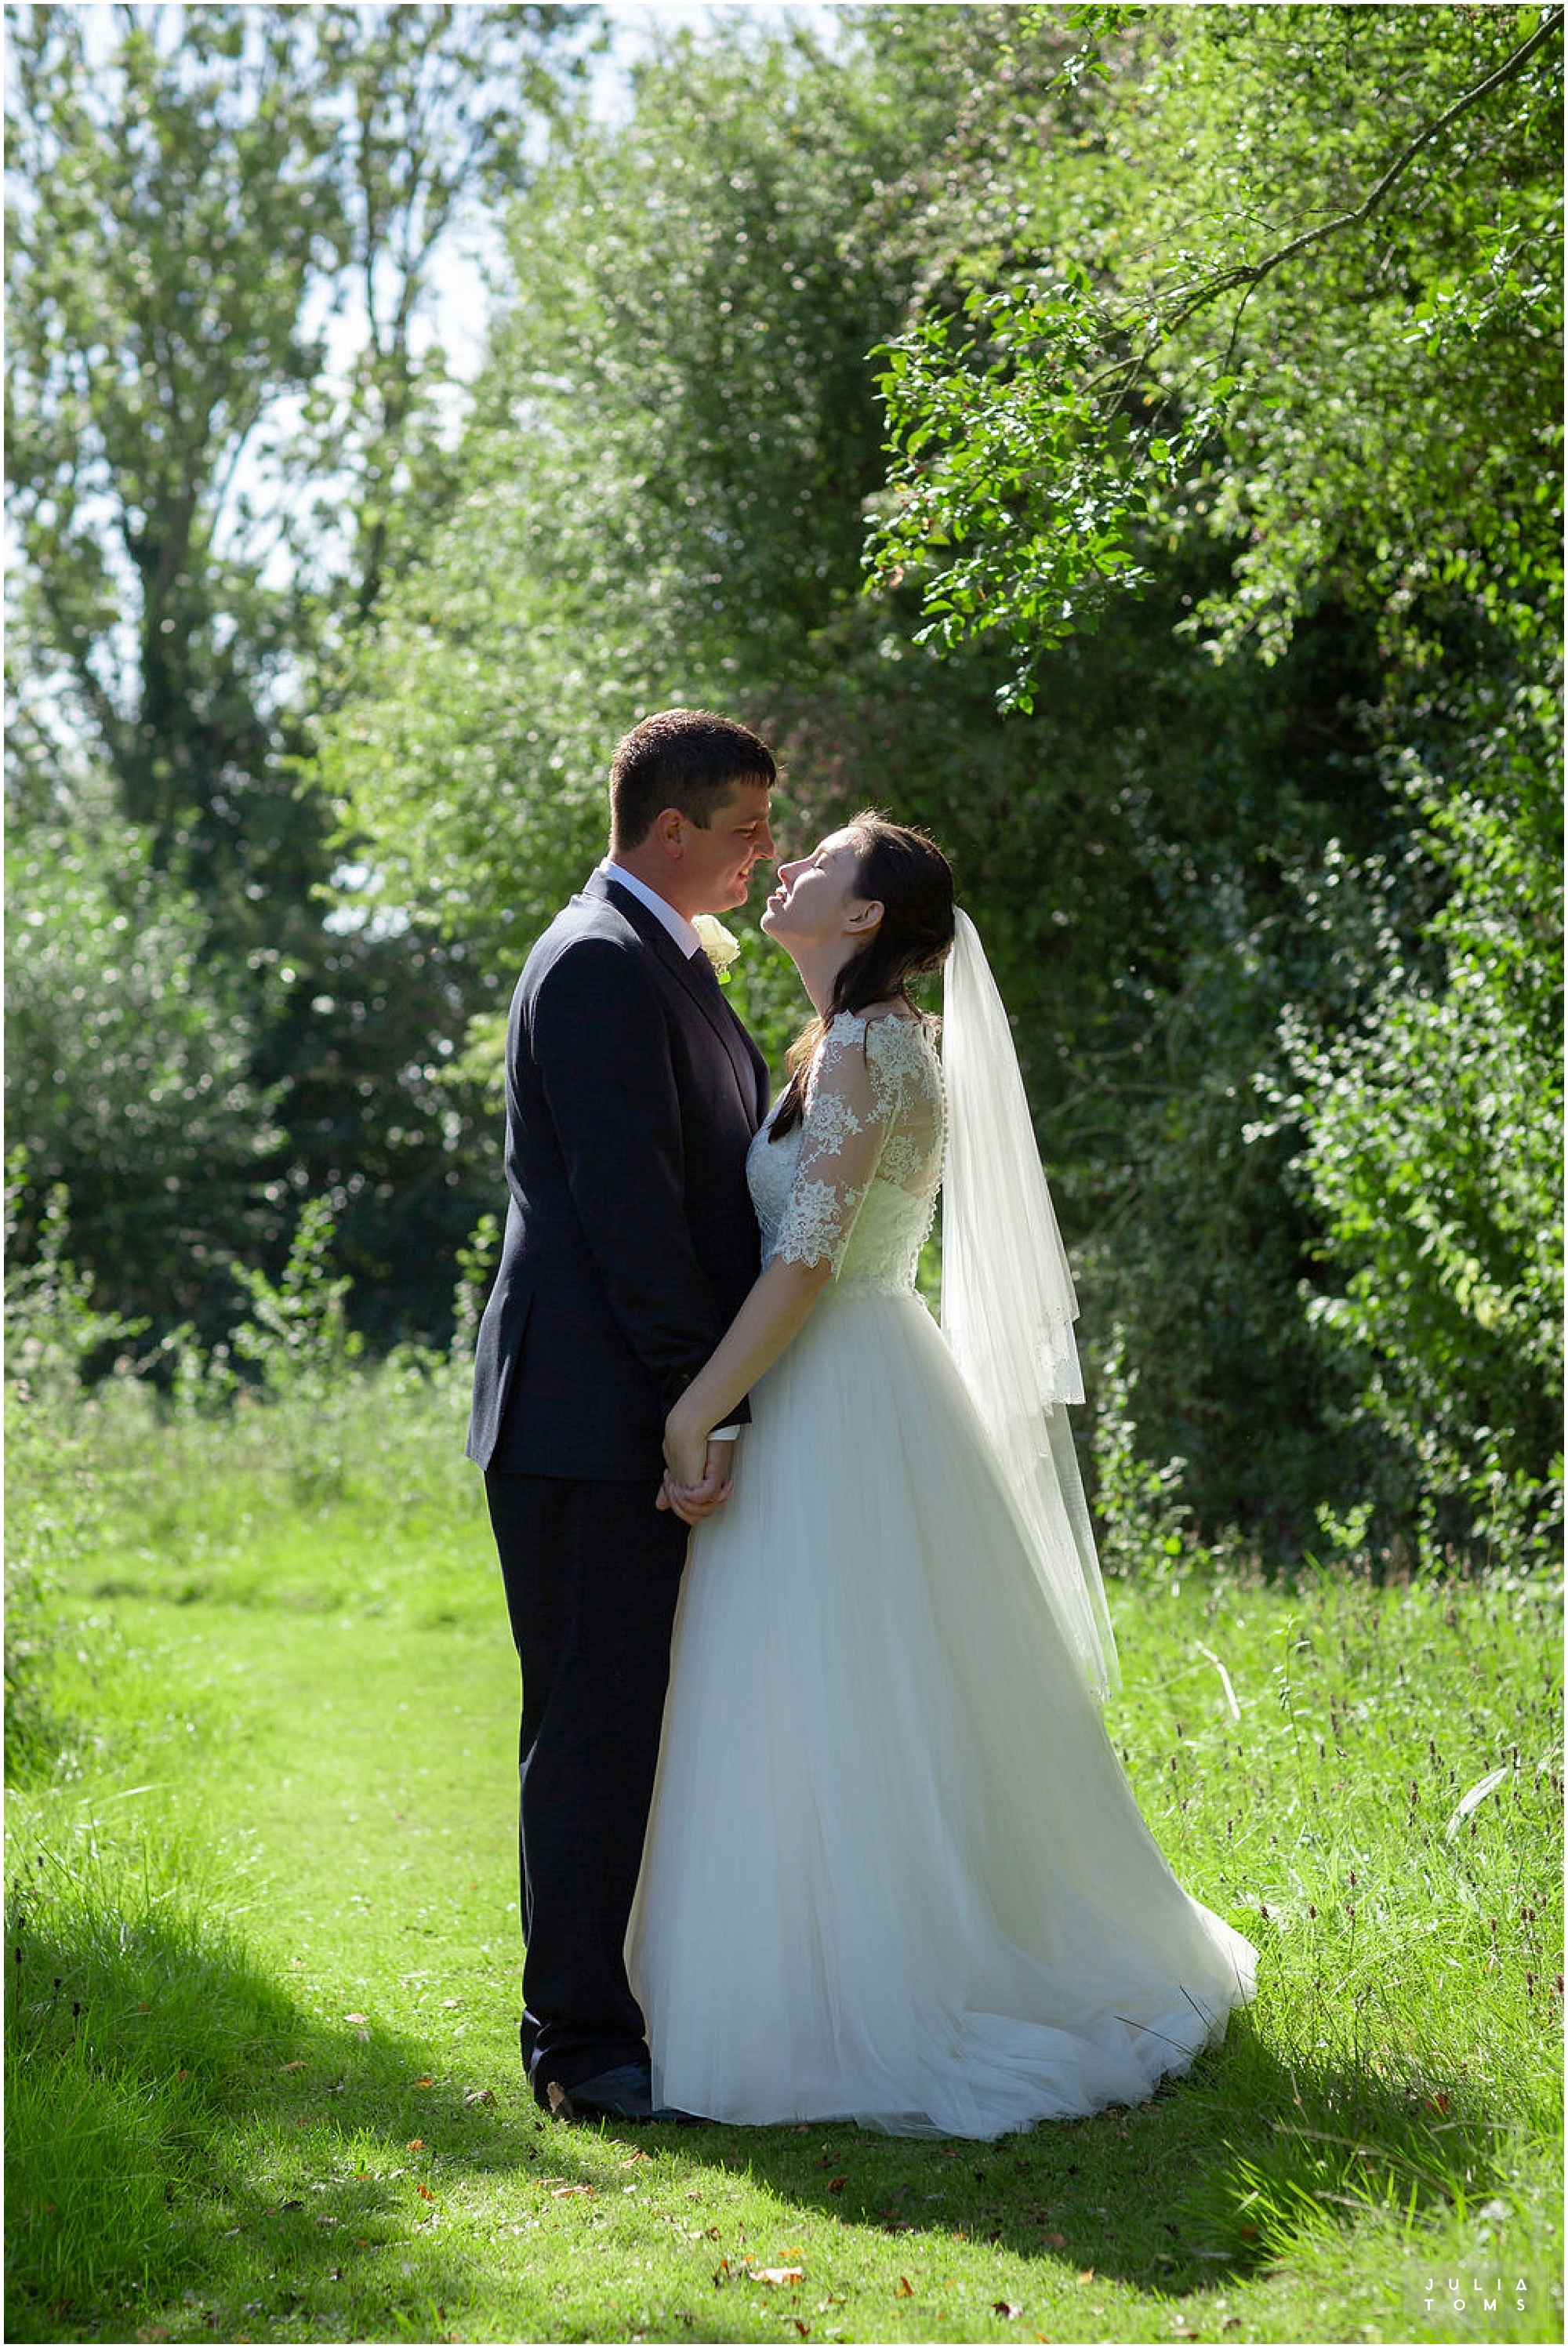 amberley_castle_wedding_photographer_031.jpg